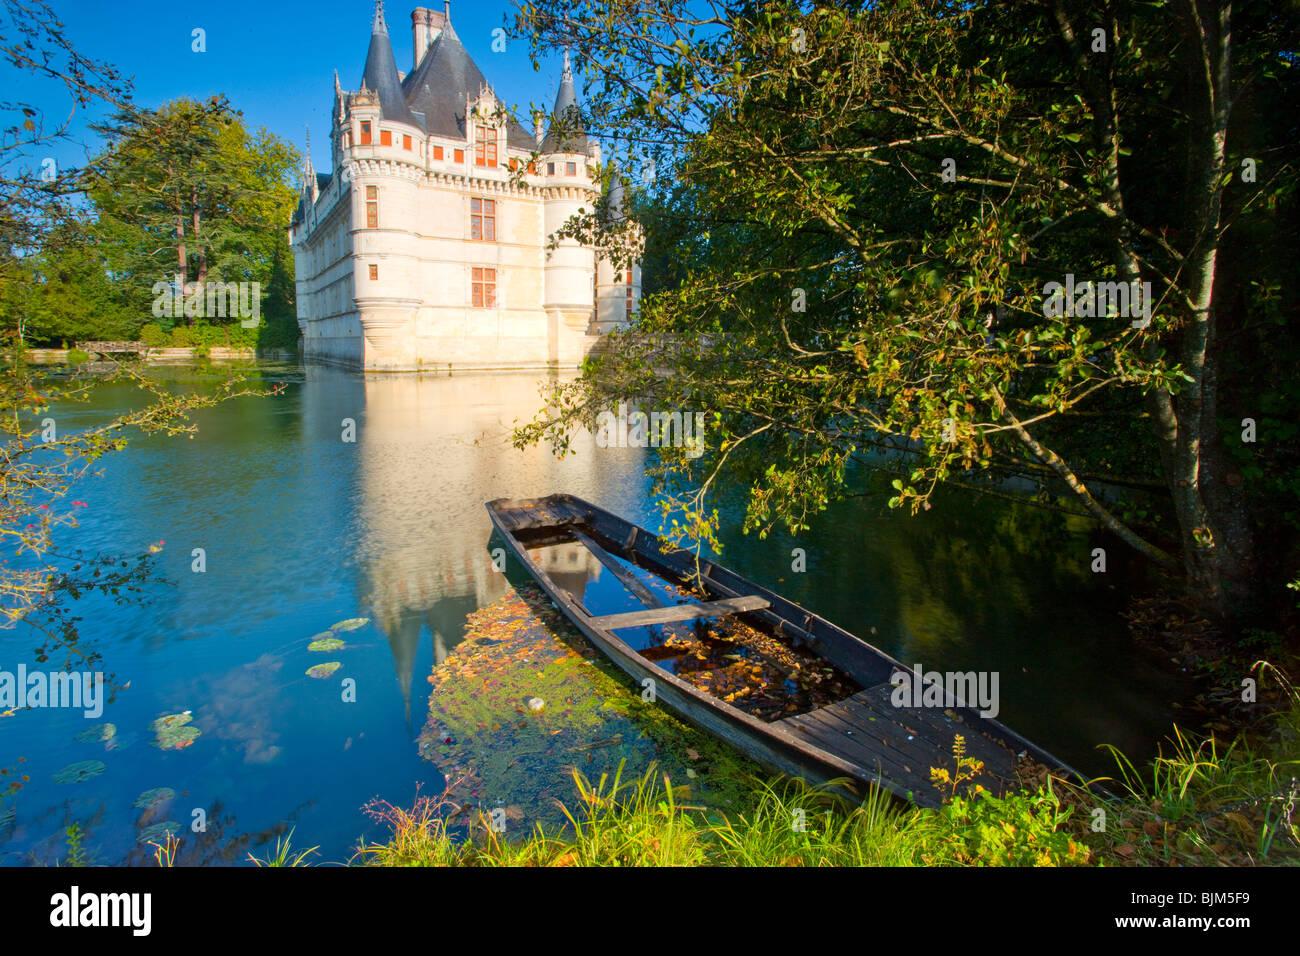 D'Azay-le-Rideau Castle, Loire Valley, France, castle built in middle ages, Indre River - Stock Image